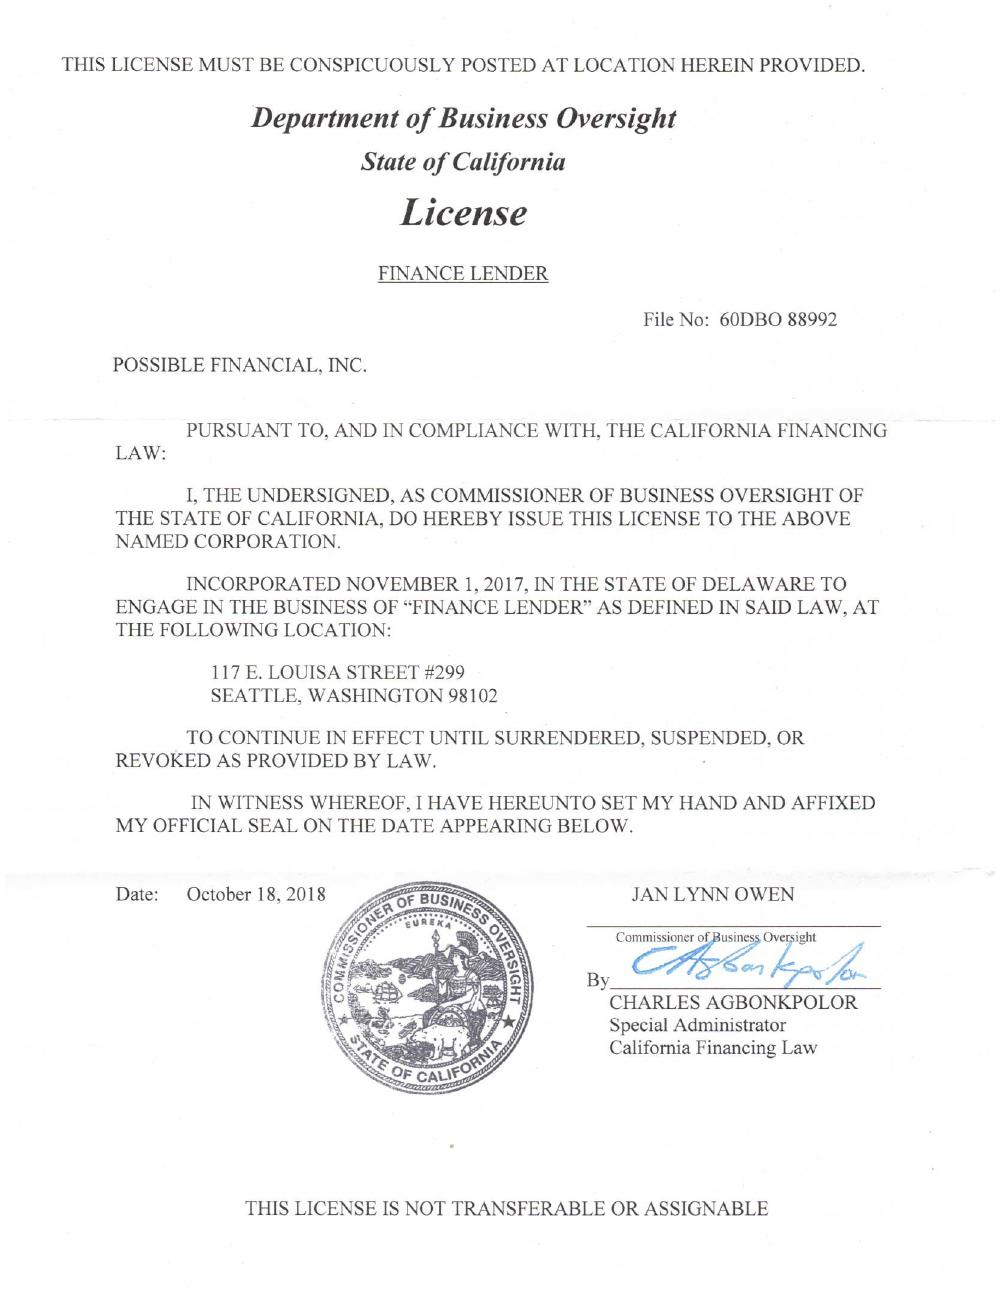 california lending license.jpg